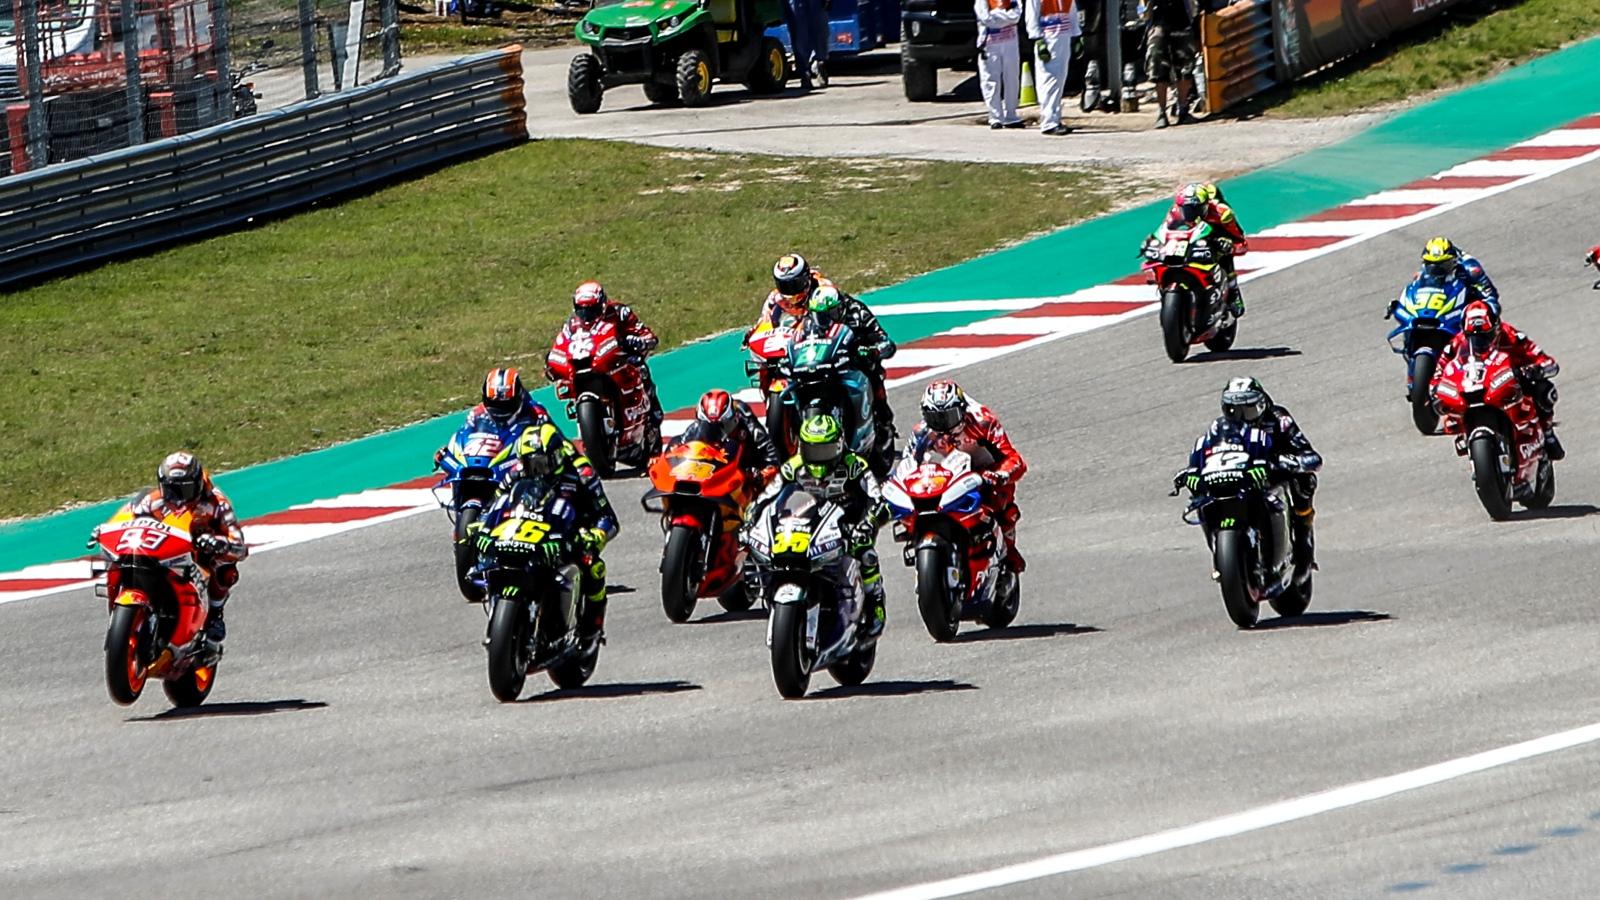 MotoGP 2020 ya tiene calendario provisional: 20 grandes premios, entra KymiRing y más cambios